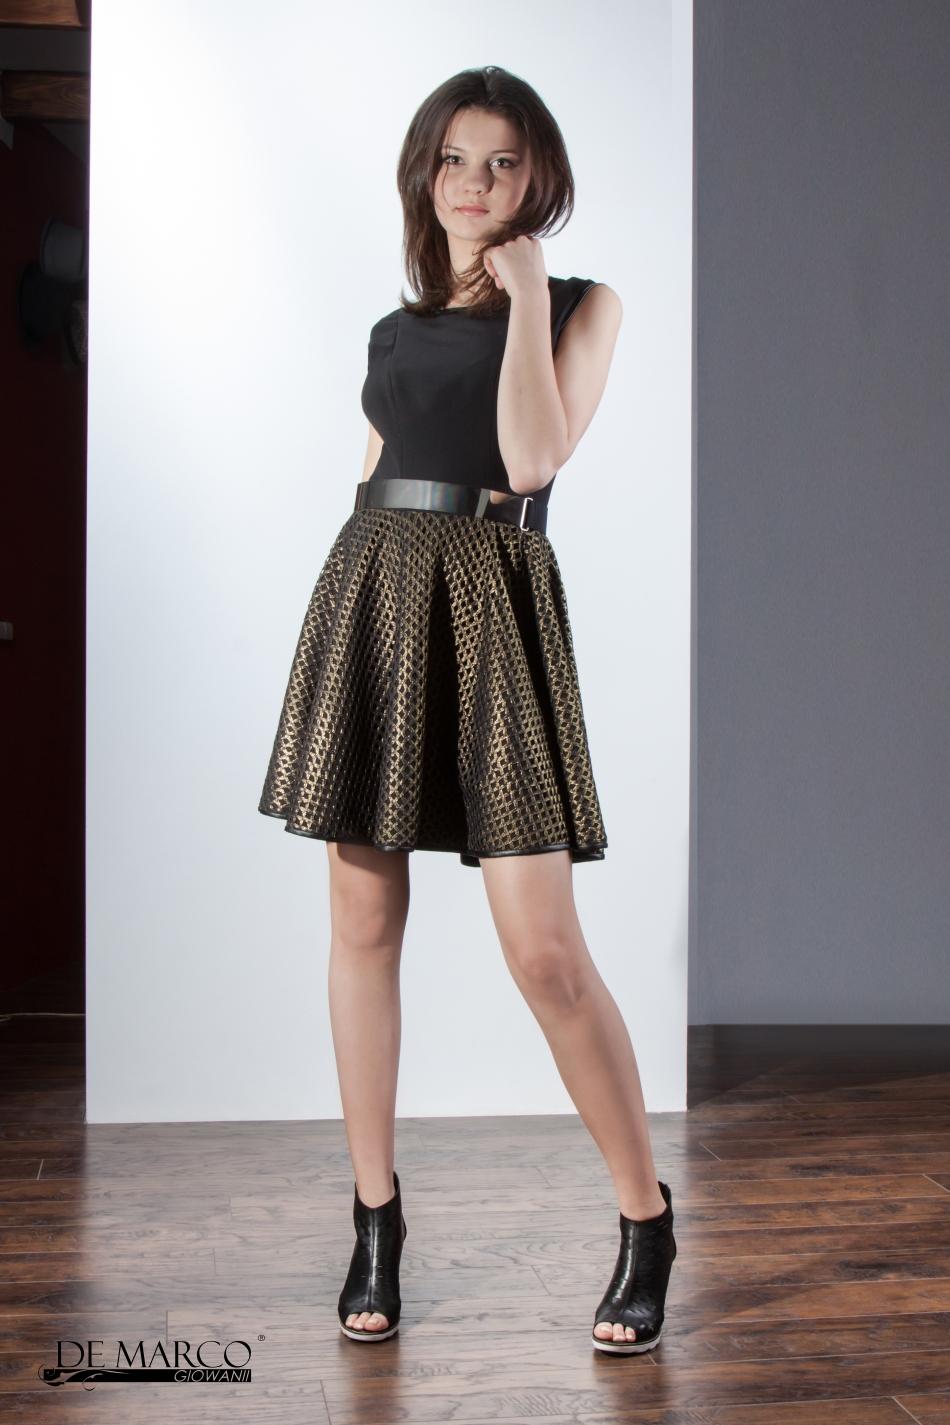 074bacd93a De Marco sklep internetowy z ekskluzywną odzieżą damską. Eleganckie sukienki  na wesele dla mamy